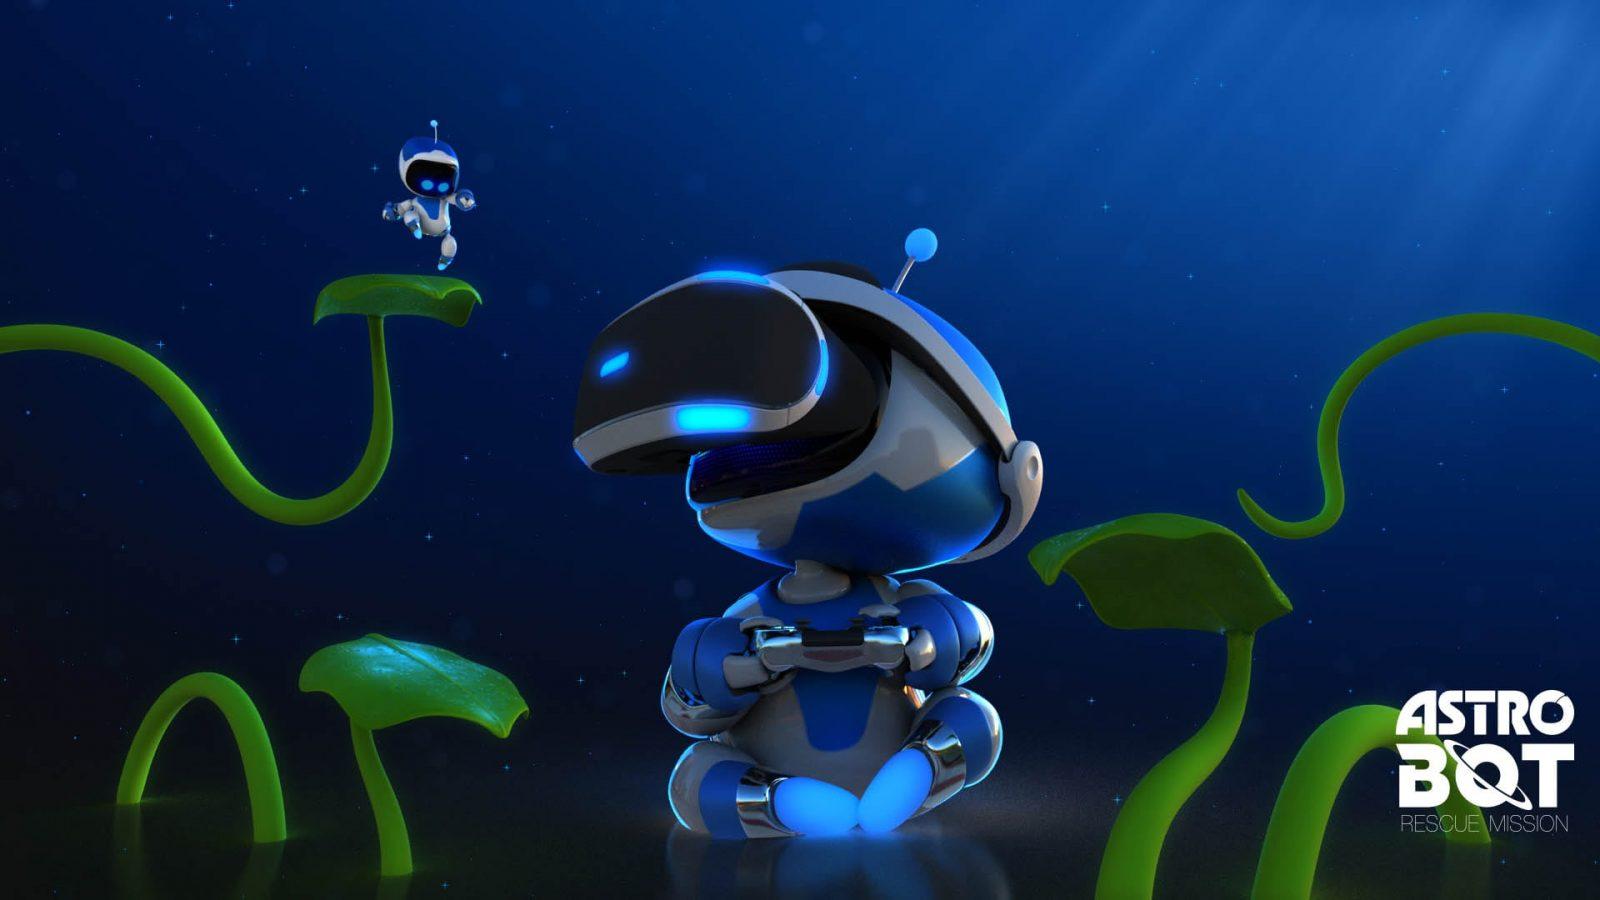 Astro_Bot_1